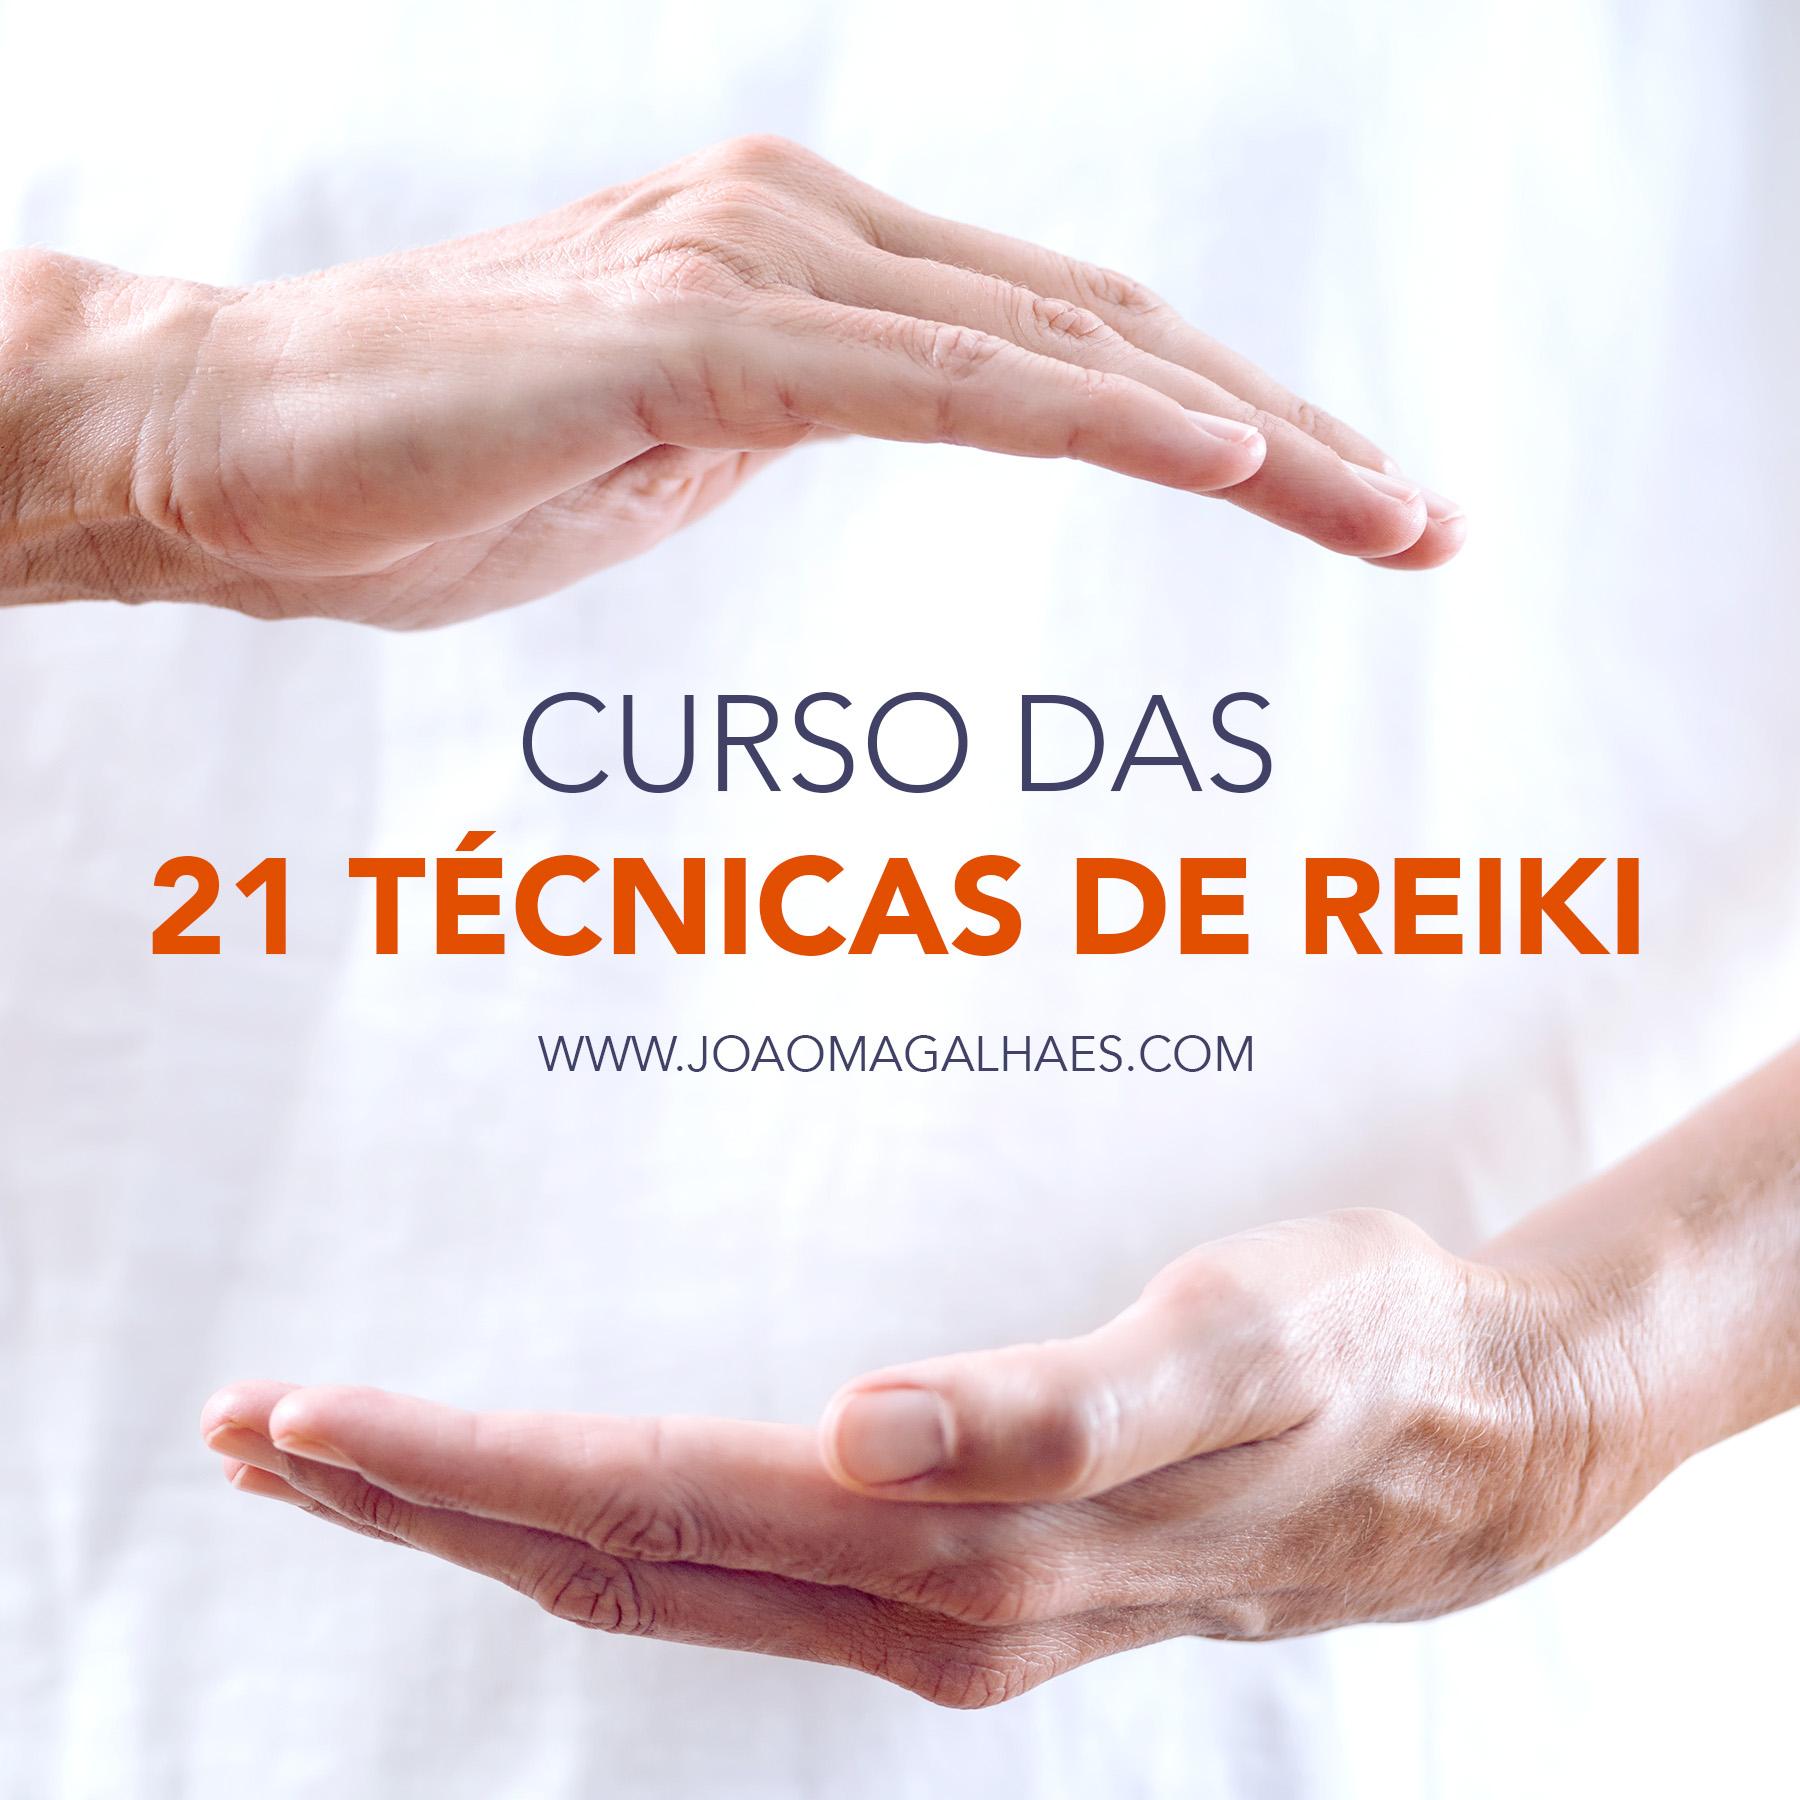 21 técnicas